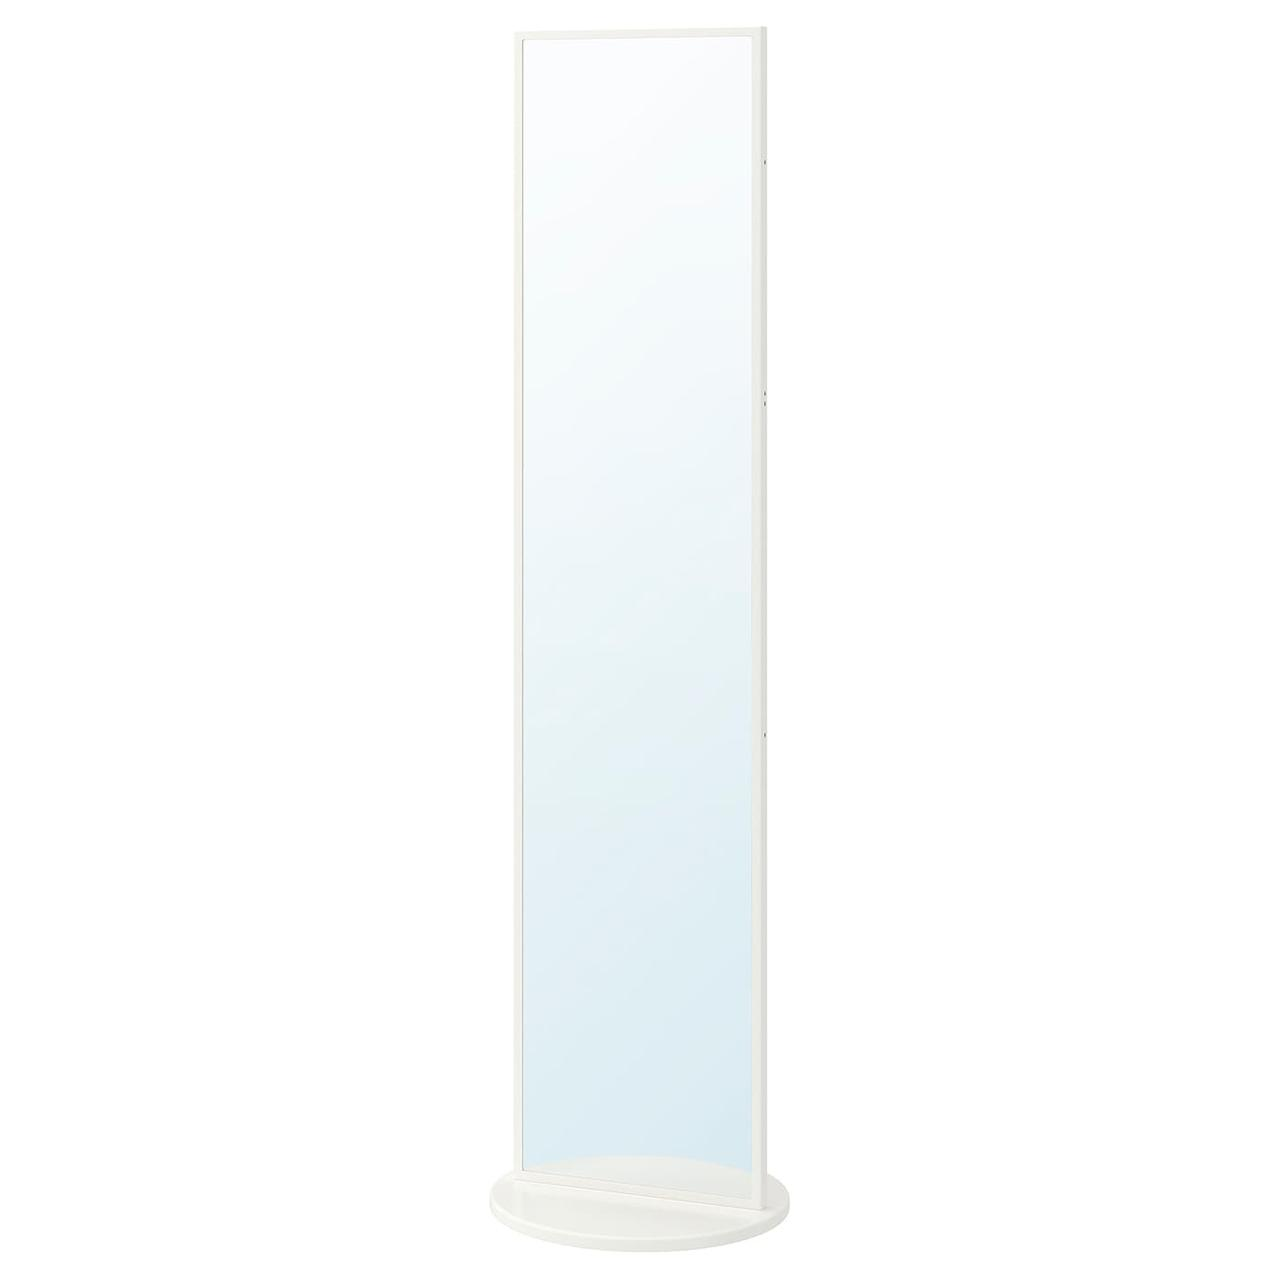 Зеркало напольное IKEA VENNESLA, белый, 45x178 см 003.982.55